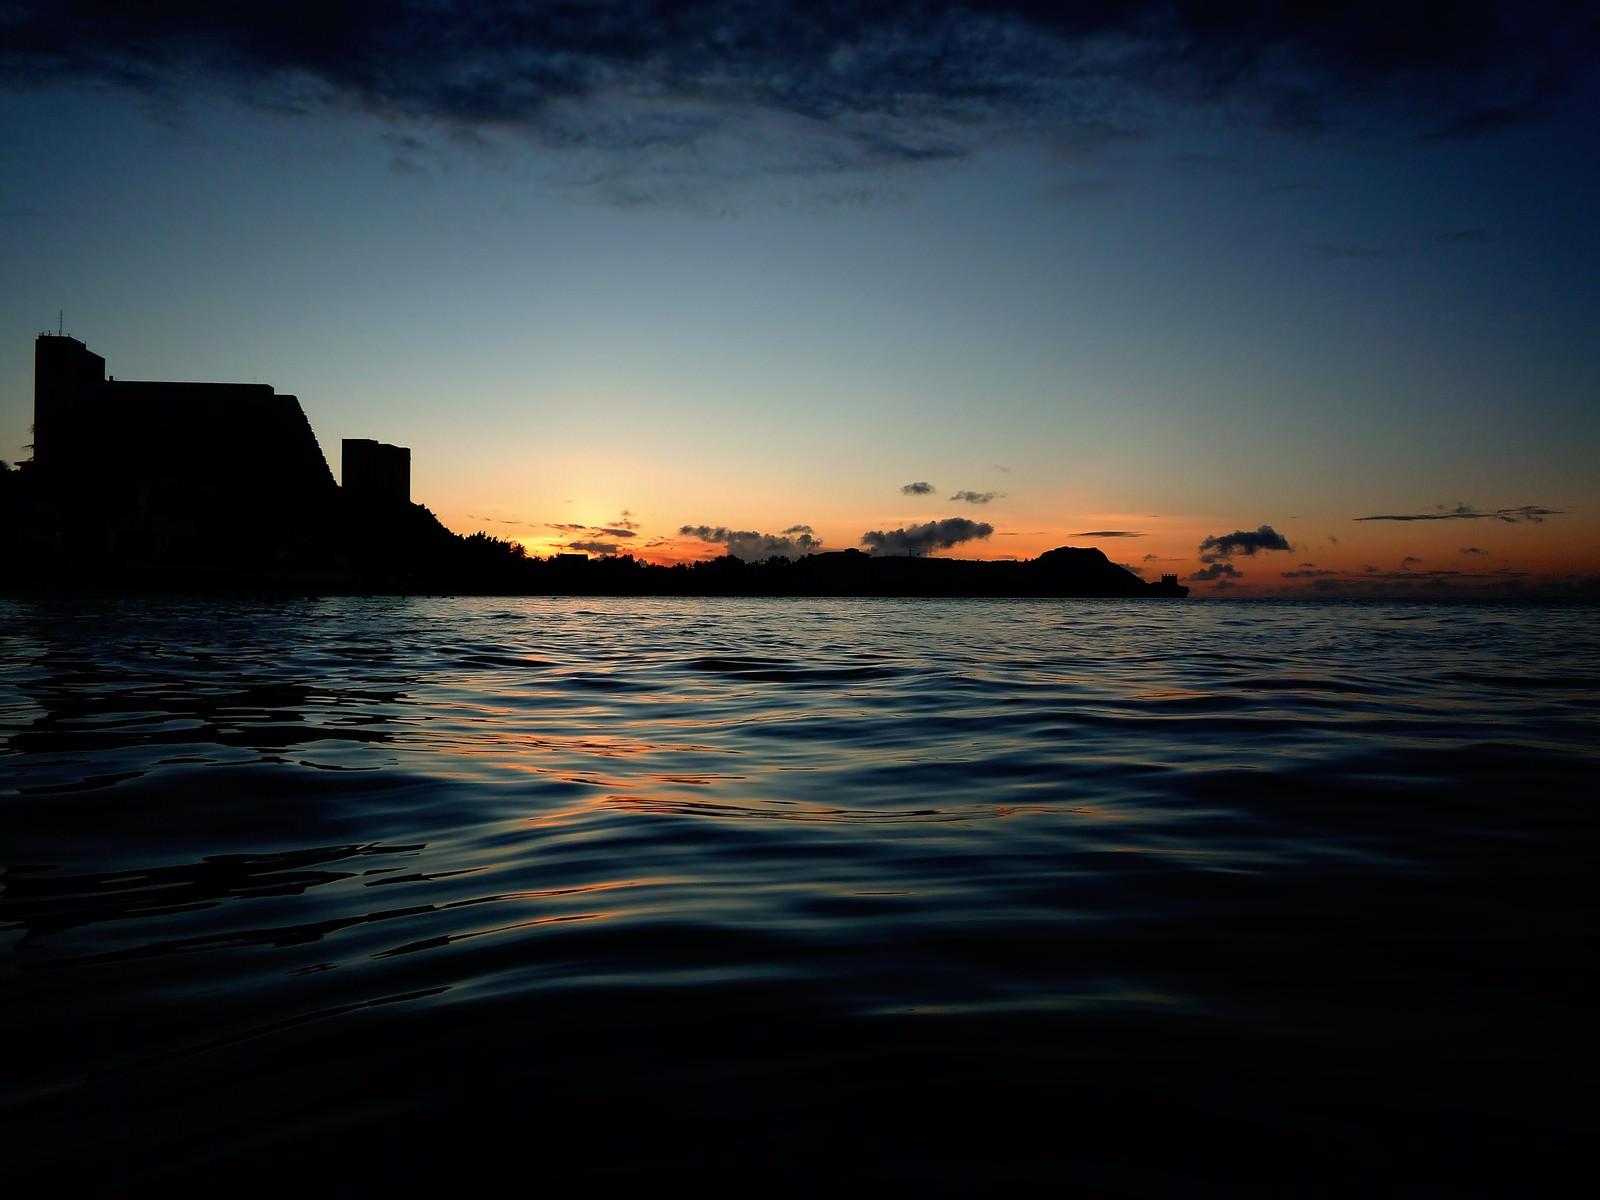 「夕暮れビーチのサンセット」の写真